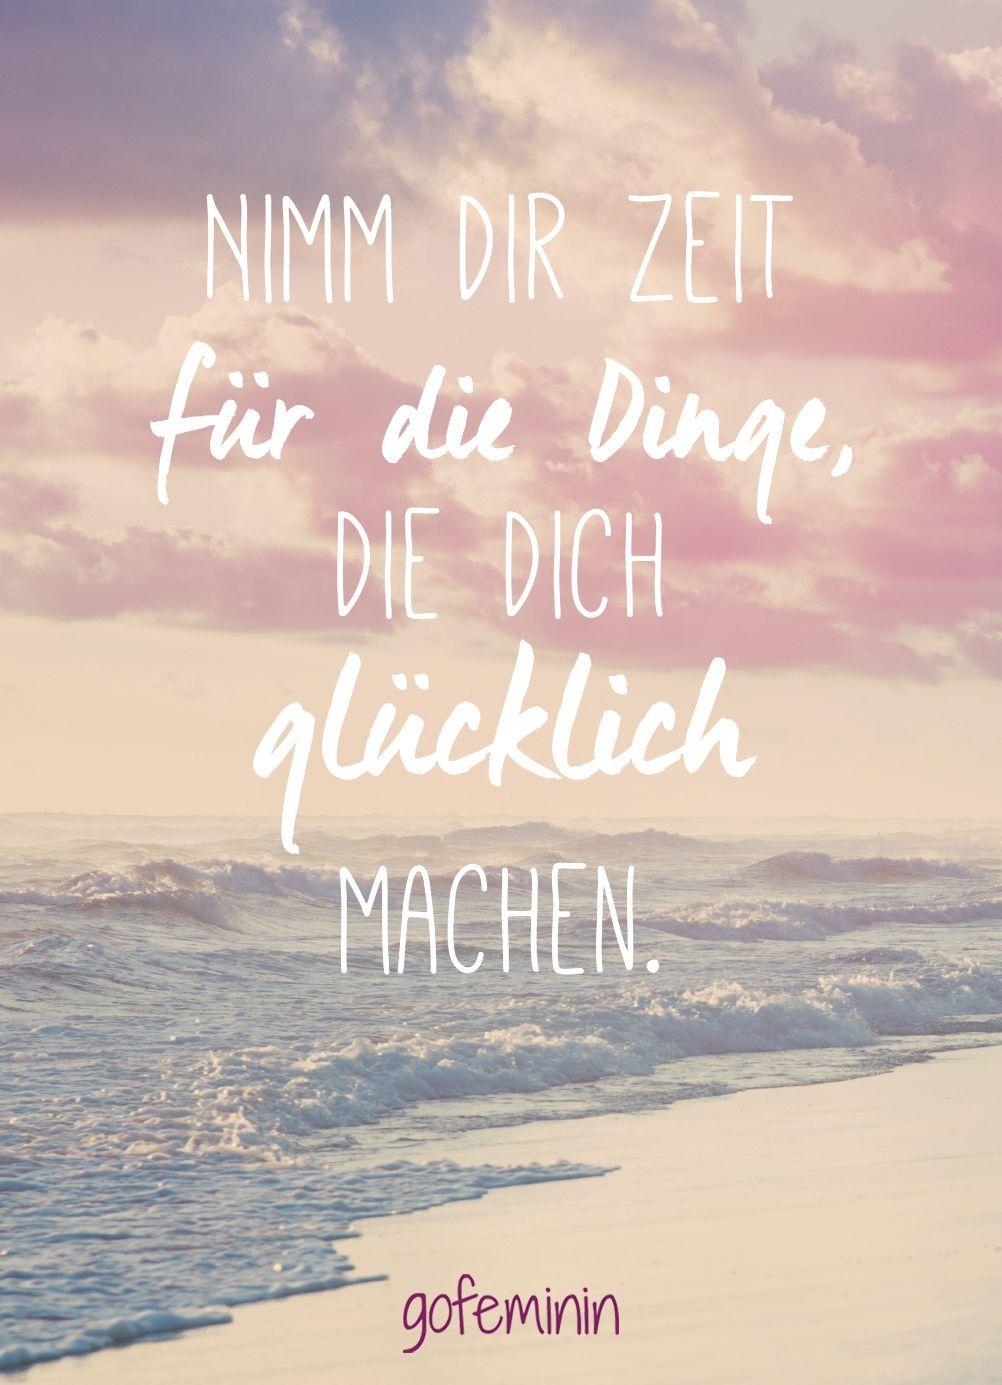 Schöne Sprüche Deutsch #deutsch #schone #spruche | Sprüche